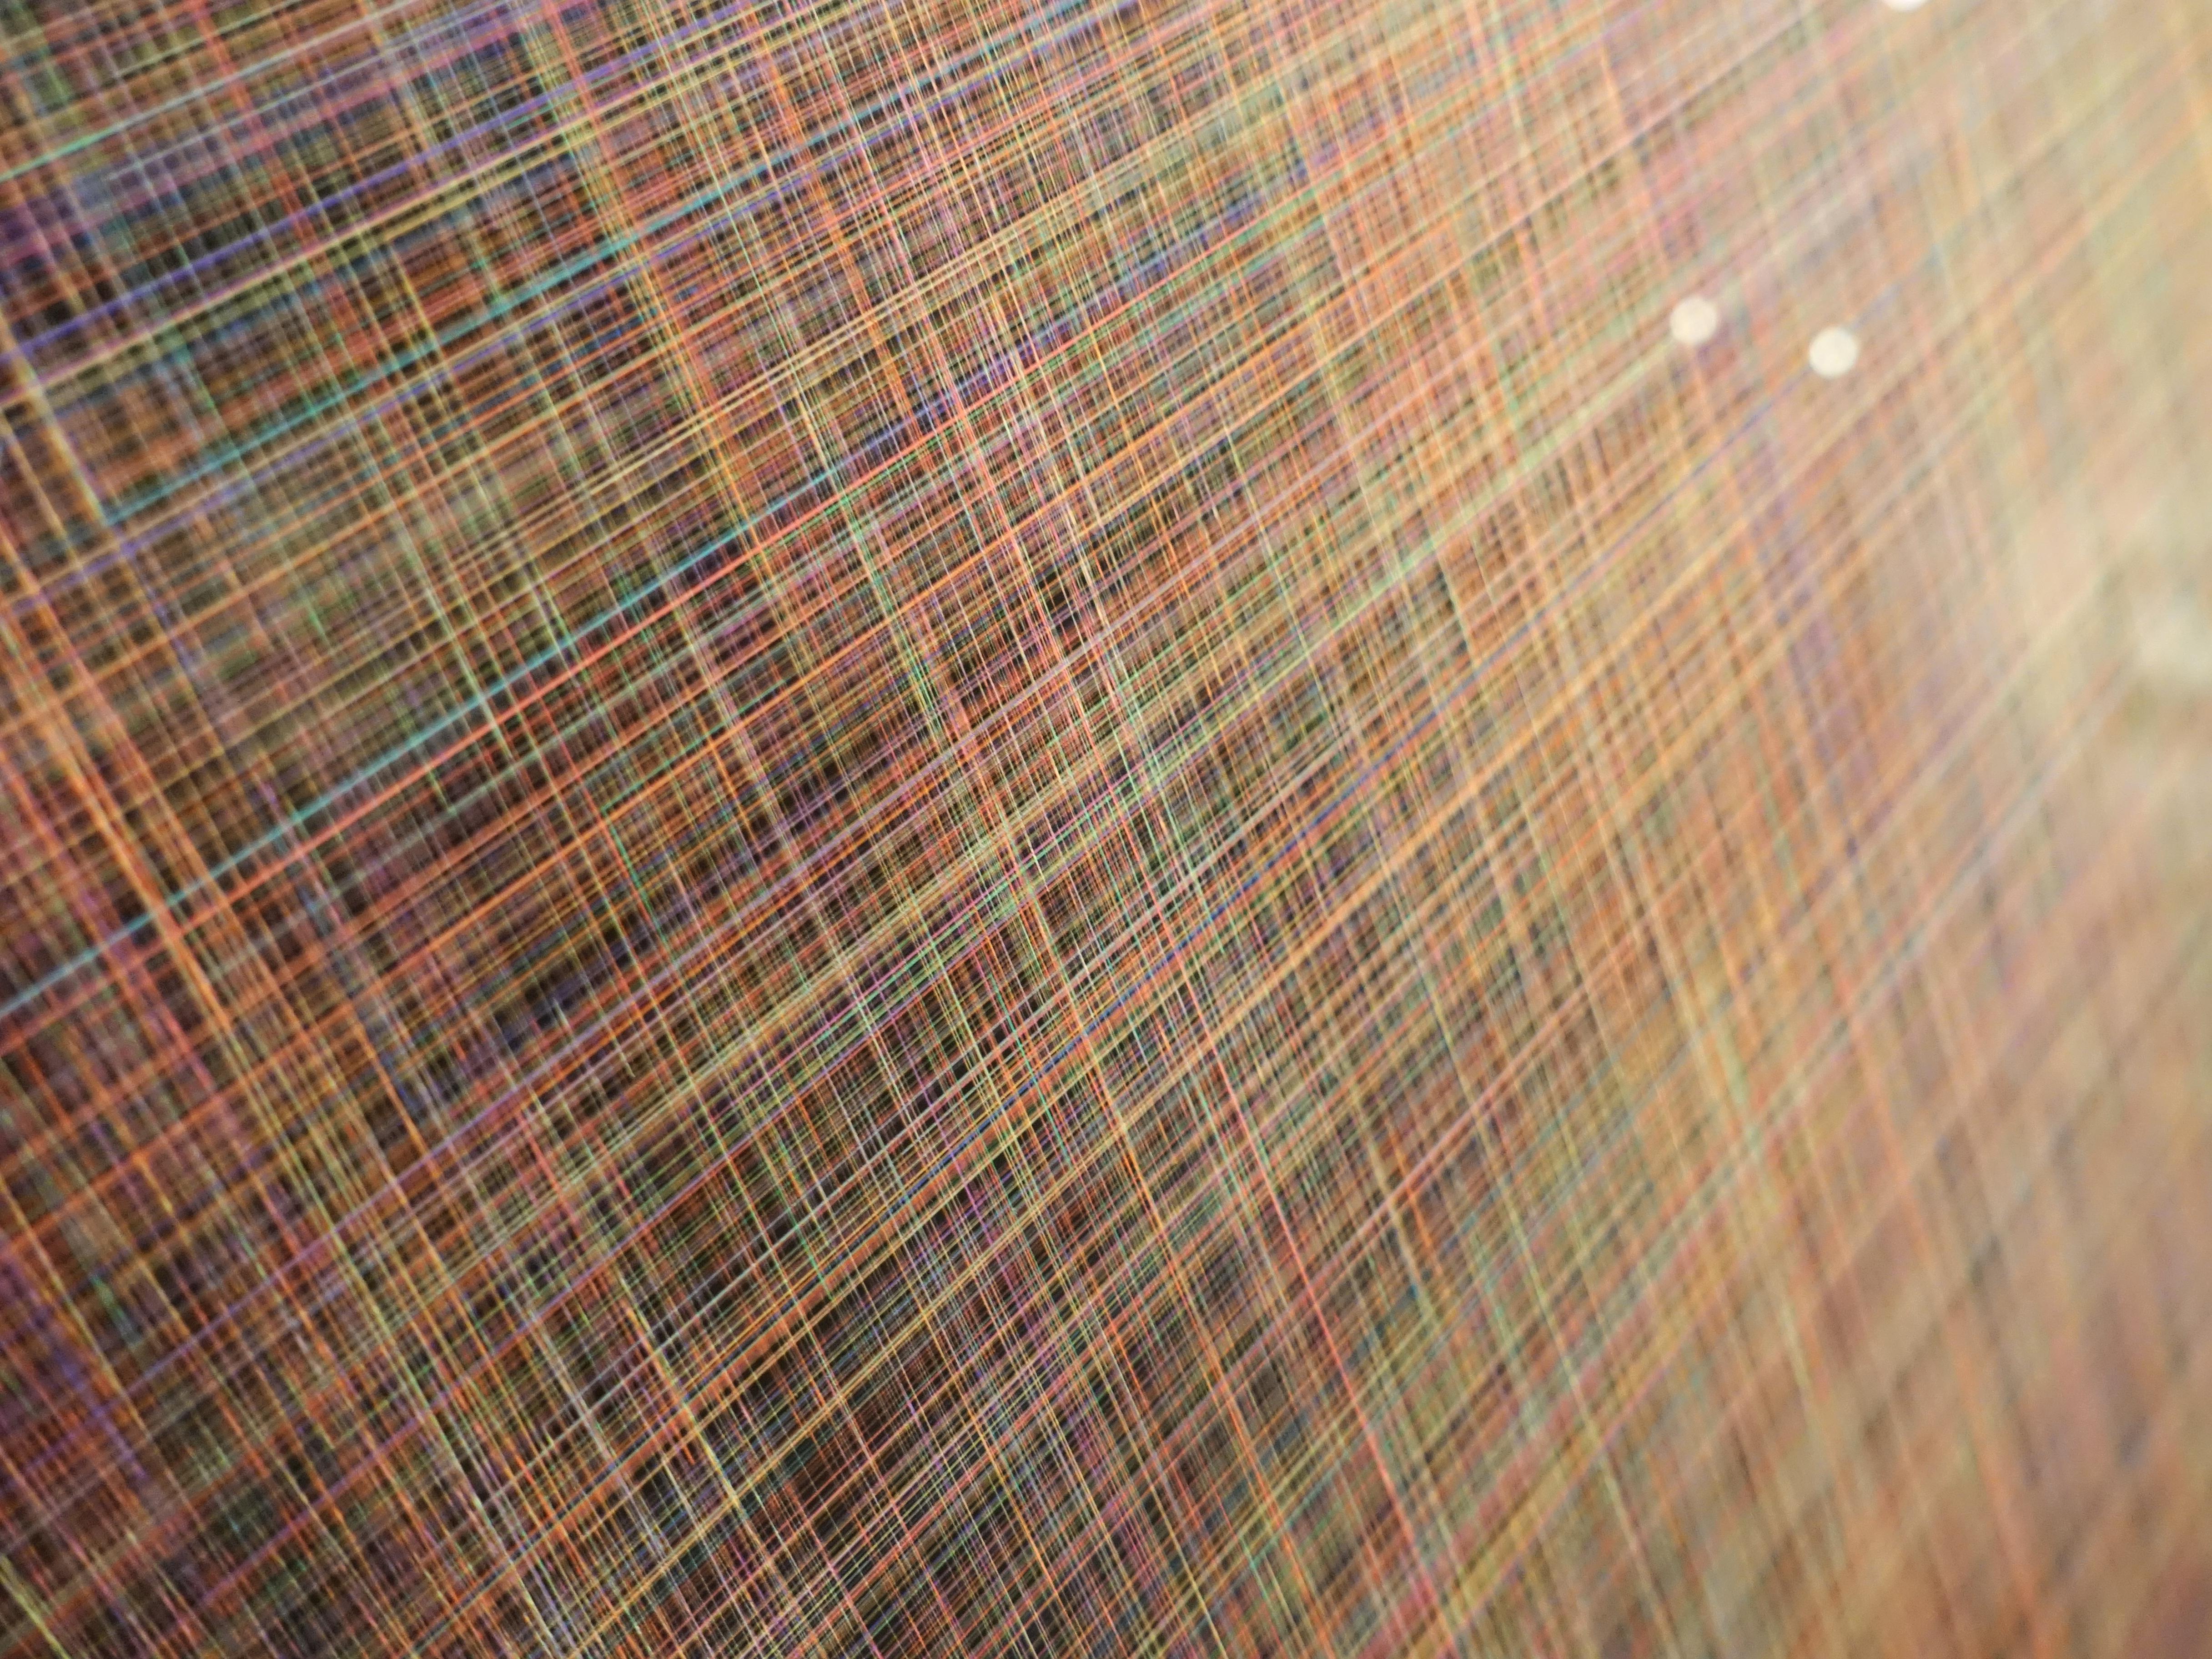 劉呈祥,《次元#9|思緒宇宙》細節,演算法系統、紙、顏料墨,110x73cm,2019。